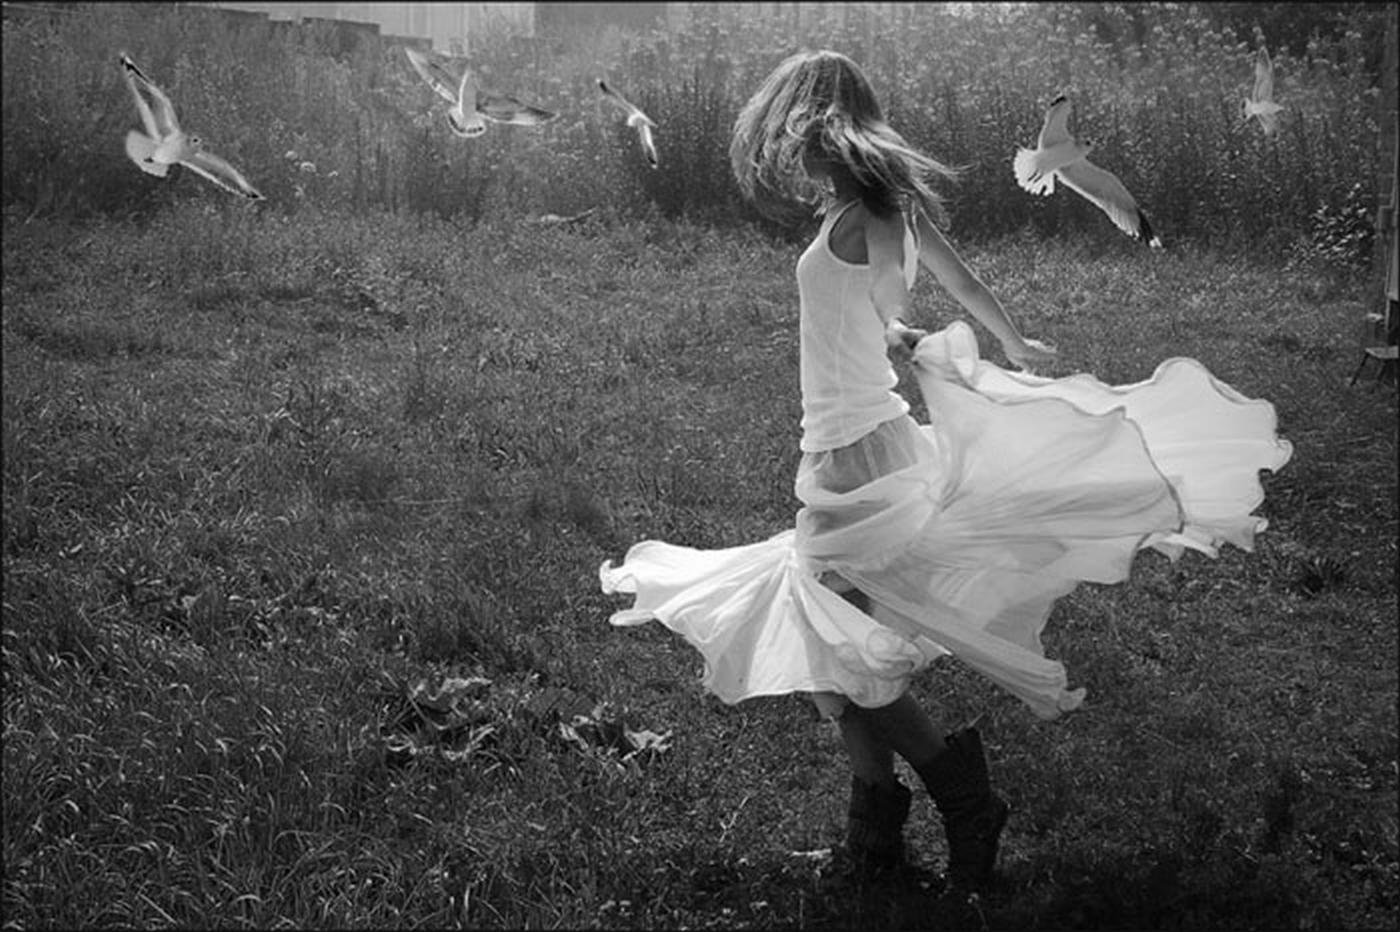 Las Fotos Mas Alucinantes: chica bailando